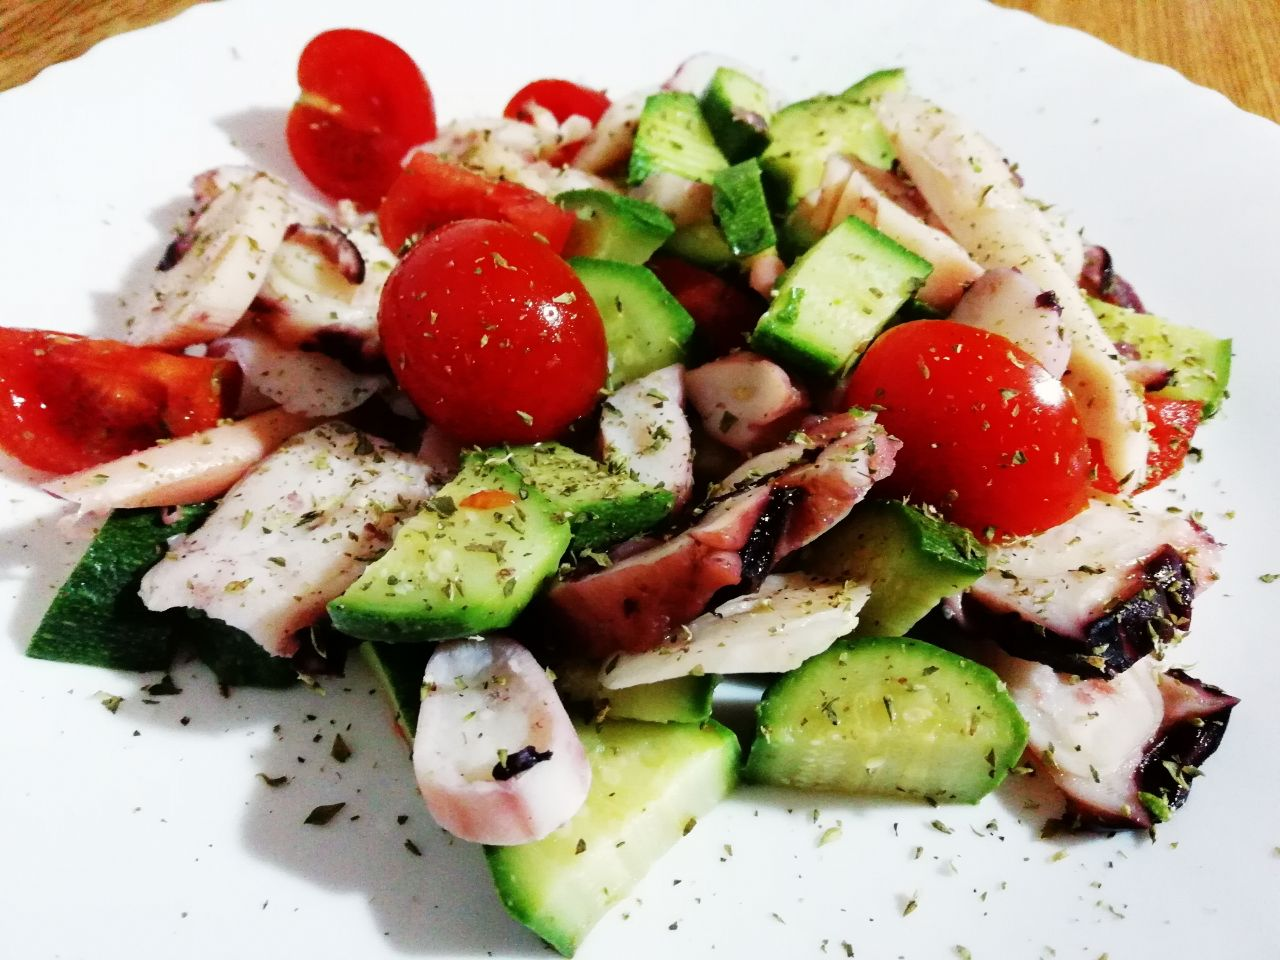 Piatti a base di pesce: insalata di totano, zucchine e pomodorini!